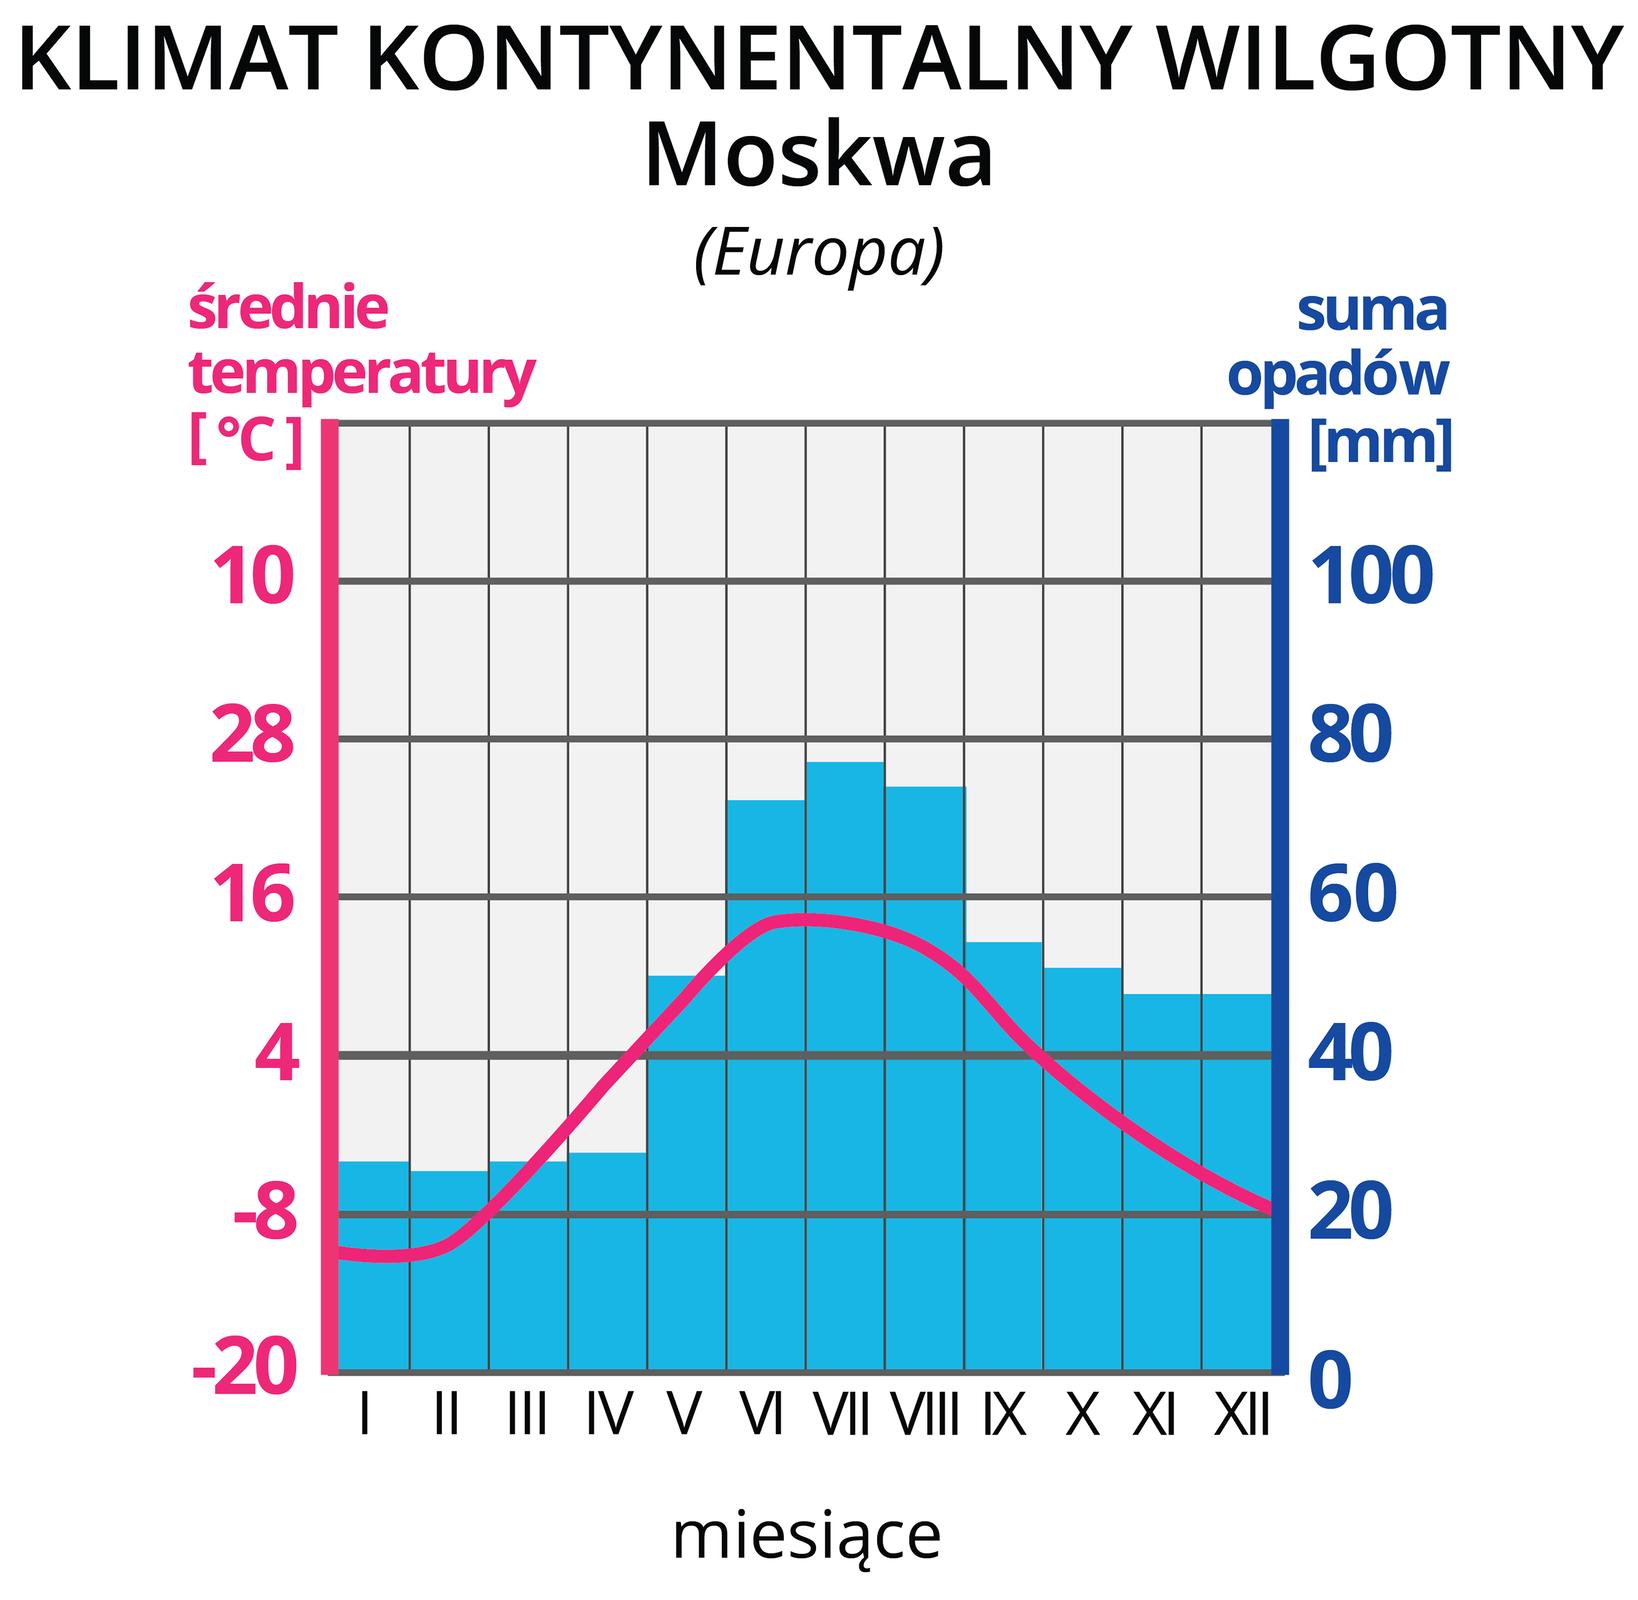 Klimatogram trzeci, prezentuje klimat kontynentalny wilgotny Moskwy. Na lewej osi wykresu wyskalowano średnie temperatury wOC, na prawej osi wykresu wyskalowano sumy opadów wmm. Na osi poziomej zaznaczono cyframi rzymskimi kolejne miesiące. Czerwona pozioma linia na wykresie, to średnie temperatury wposzczególnych miesiącach. Tutaj linia rozpoczyna się na wysokości -10 OC wstyczniu iwznosi się wposzczególnych miesiącach do około 15 OC wlipcu, po czym opada do -8 OC wgrudniu. Niebieskie słupki, to wysokości sum opadów wposzczególnych miesiącach. Opady, powyżej 40 mm, wmiesiącach maj-grudzień. Najwyższe wmiesiącach czerwiec-sierpień. Opady poniżej 30 mm wmiesiącach styczeń -kwiecień .